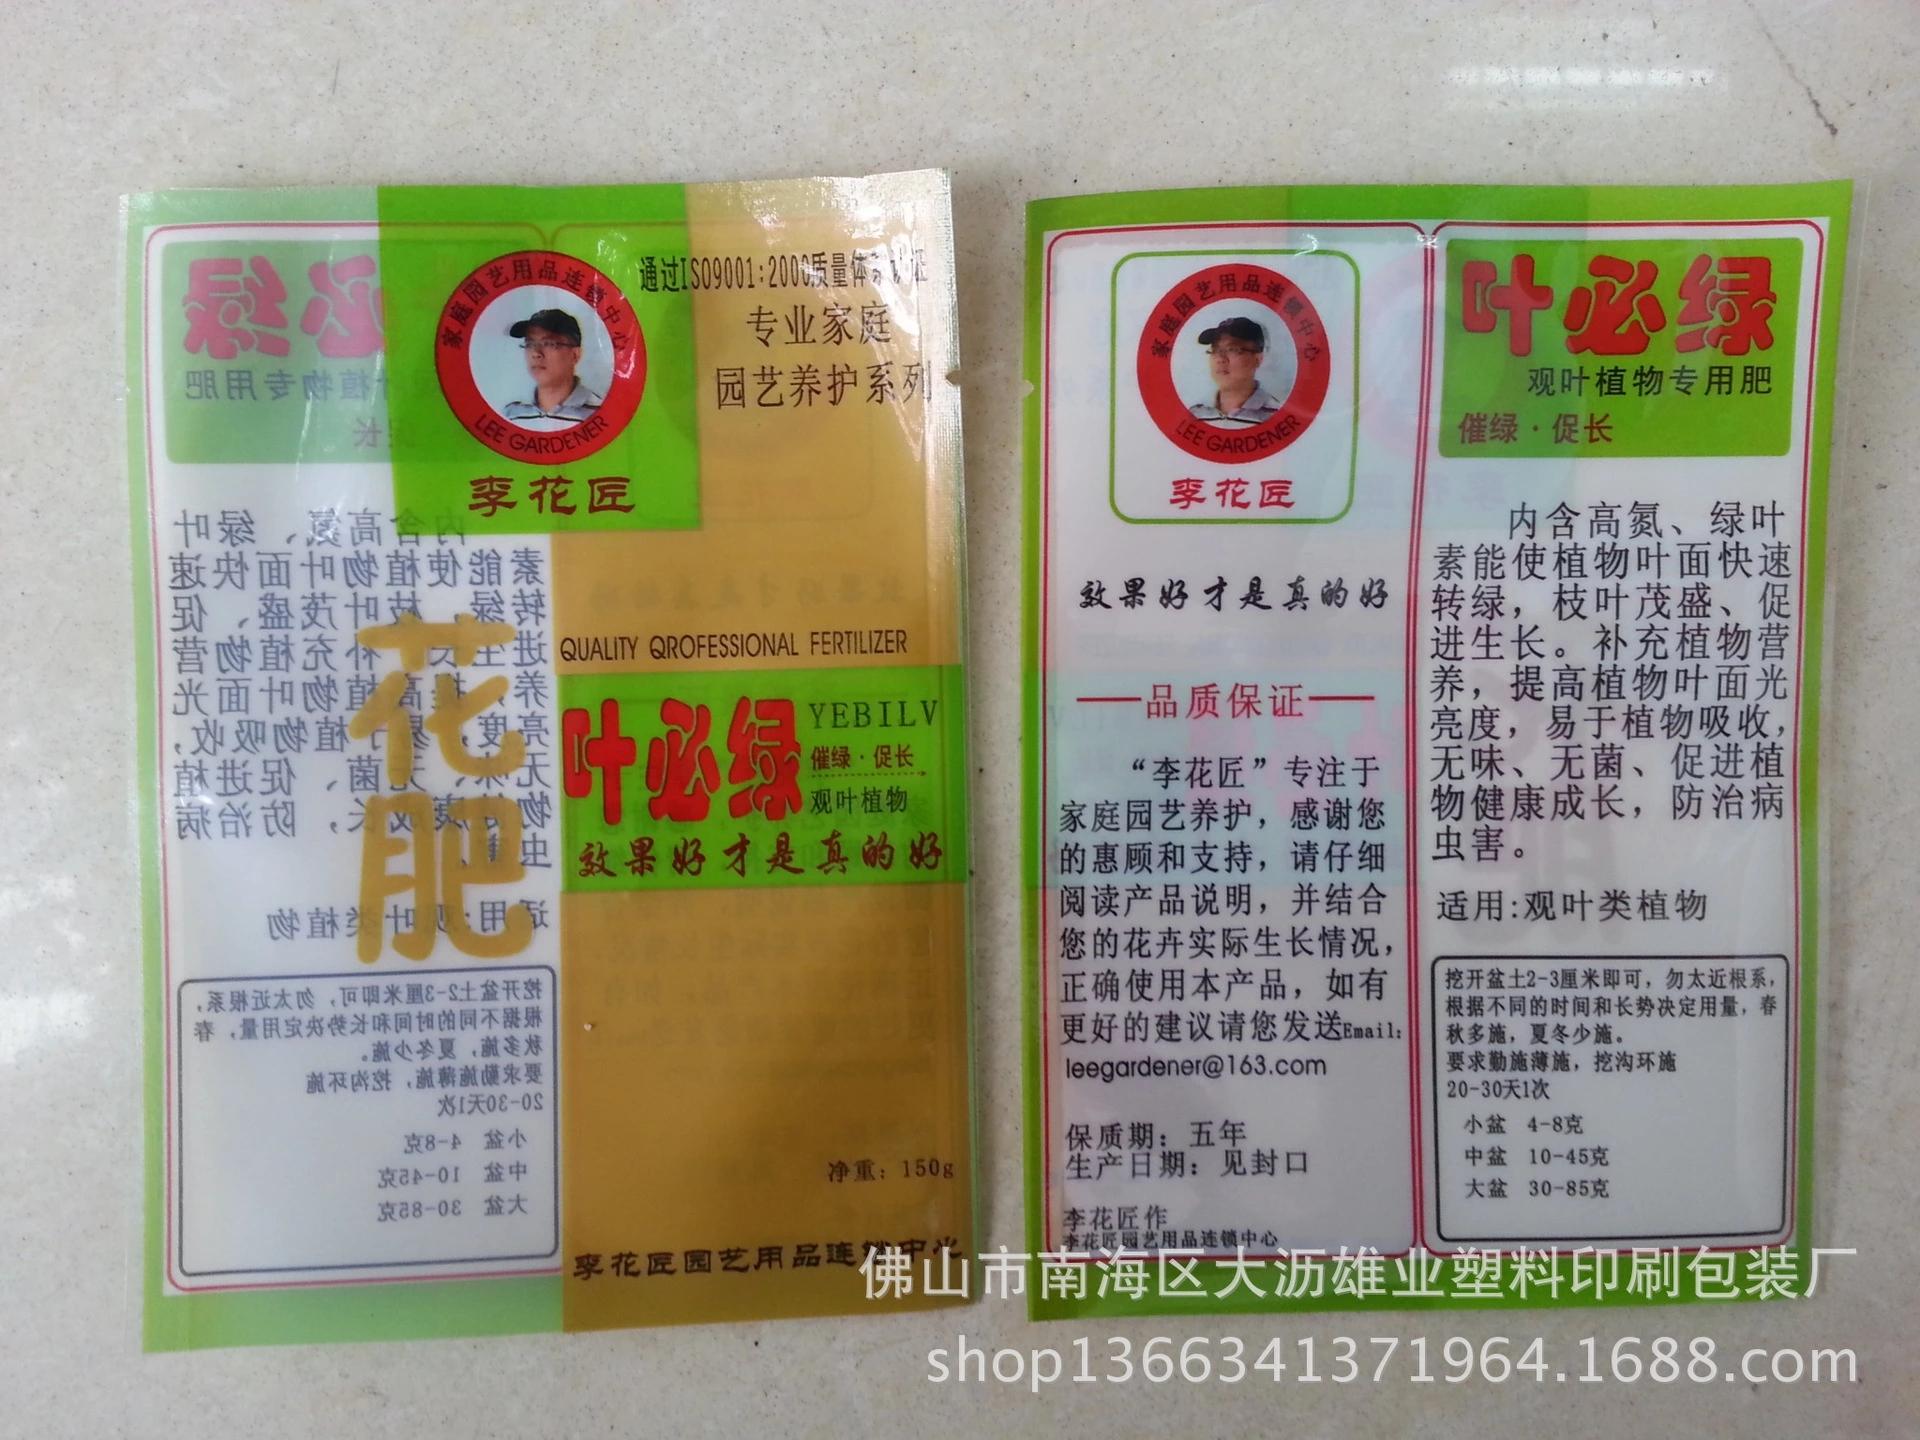 定制营养土小包装袋化肥植物营养素小包装袋直销